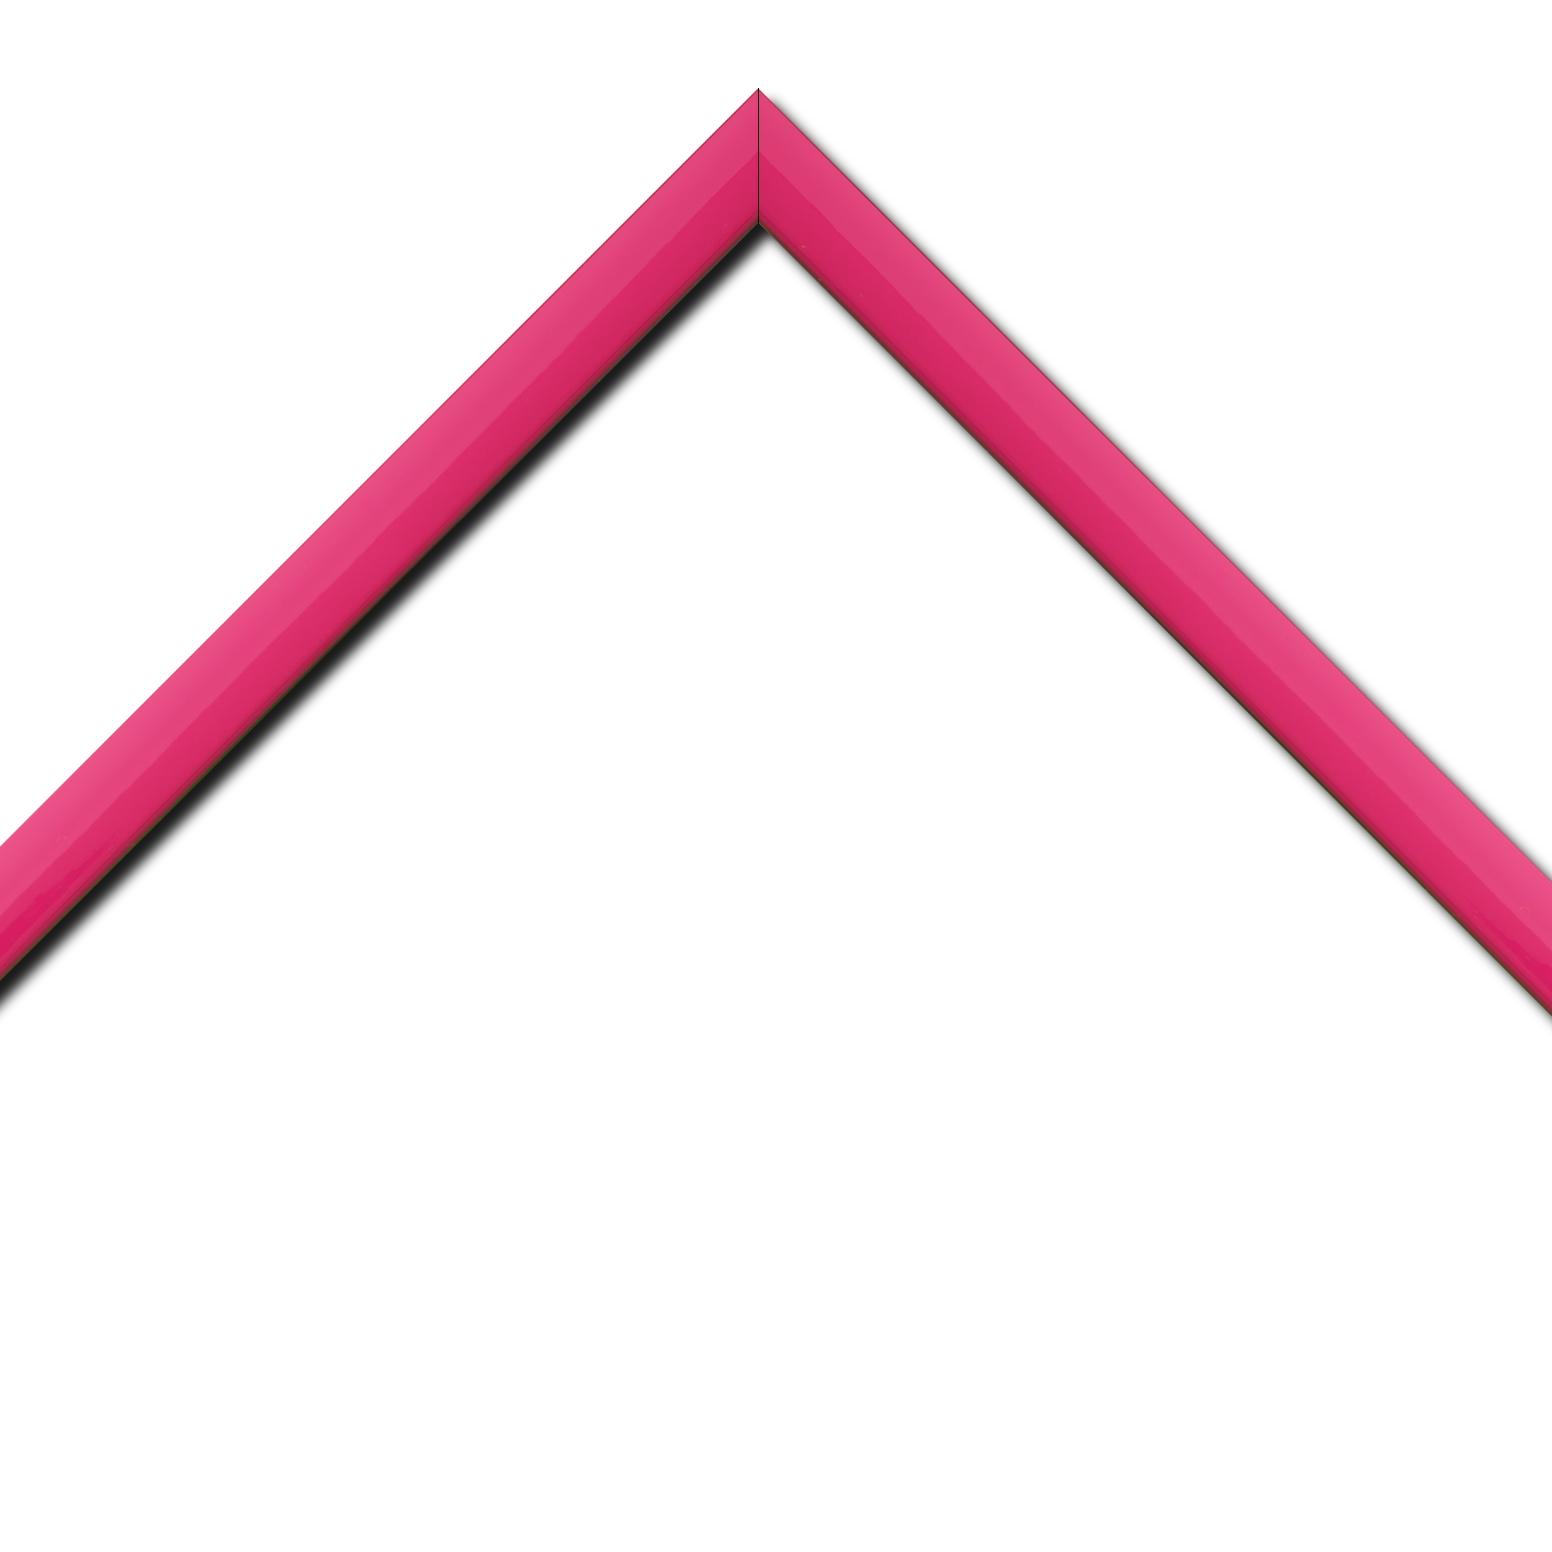 Baguette bois profil méplat largeur 2.3cm couleur rose tonique laqué